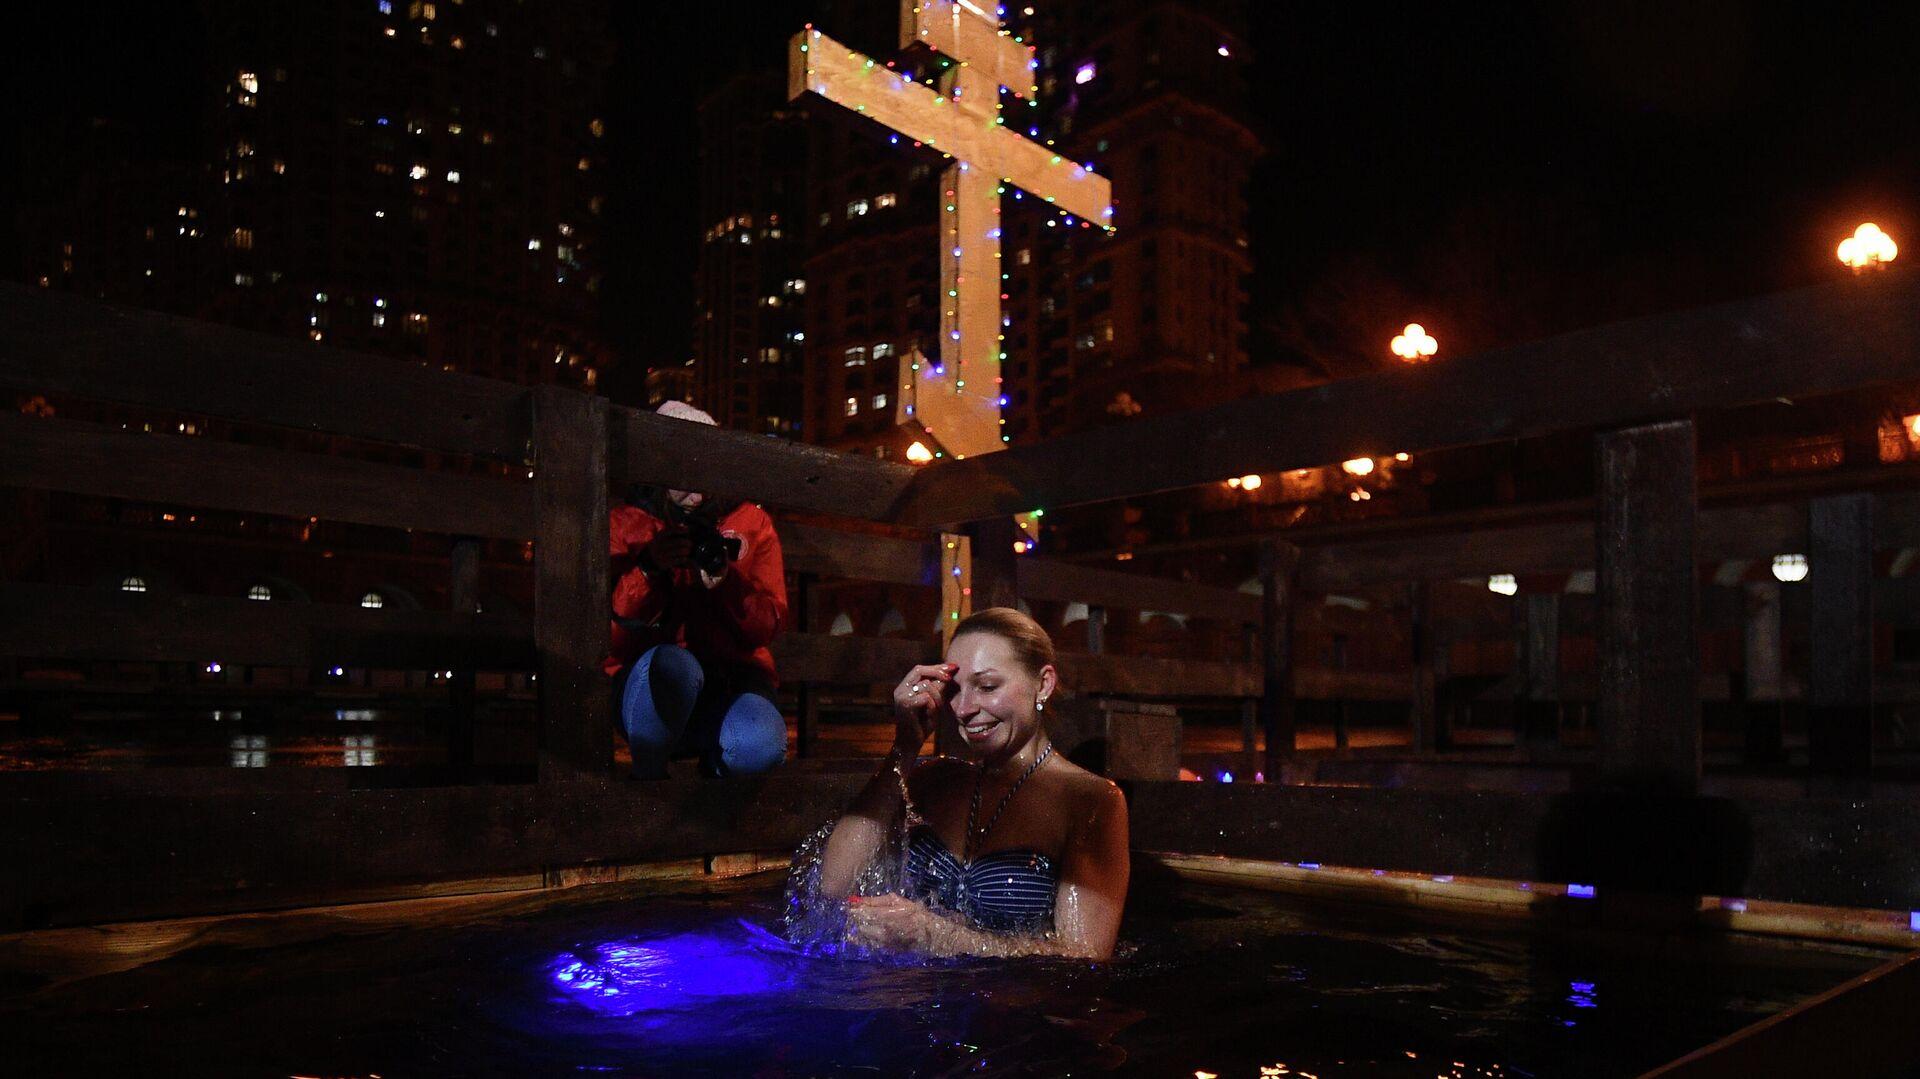 Девушка во время крещенских купаний на территории яхт-клуба Алые Паруса в Москве - РИА Новости, 1920, 13.01.2021